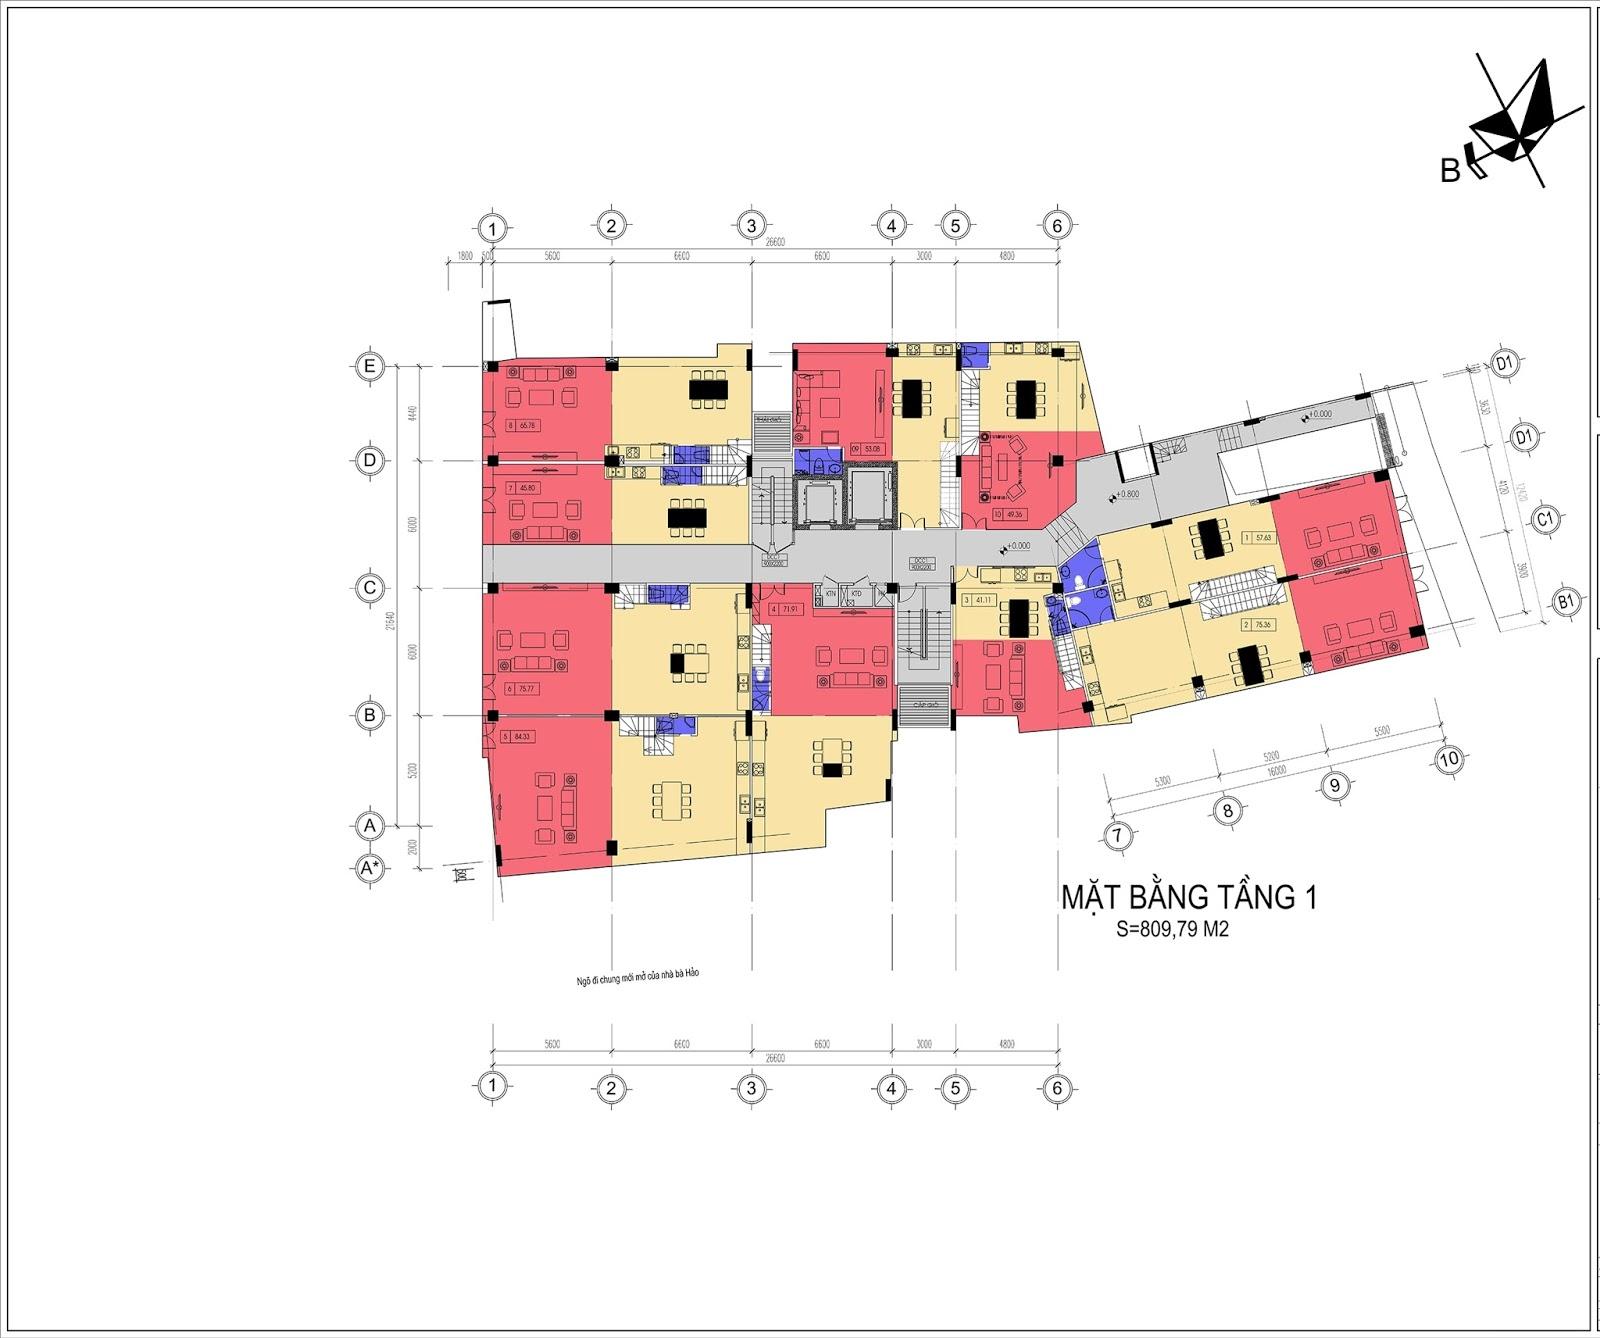 Mặt bằng tầng 1 dự án Núi Trúc Square